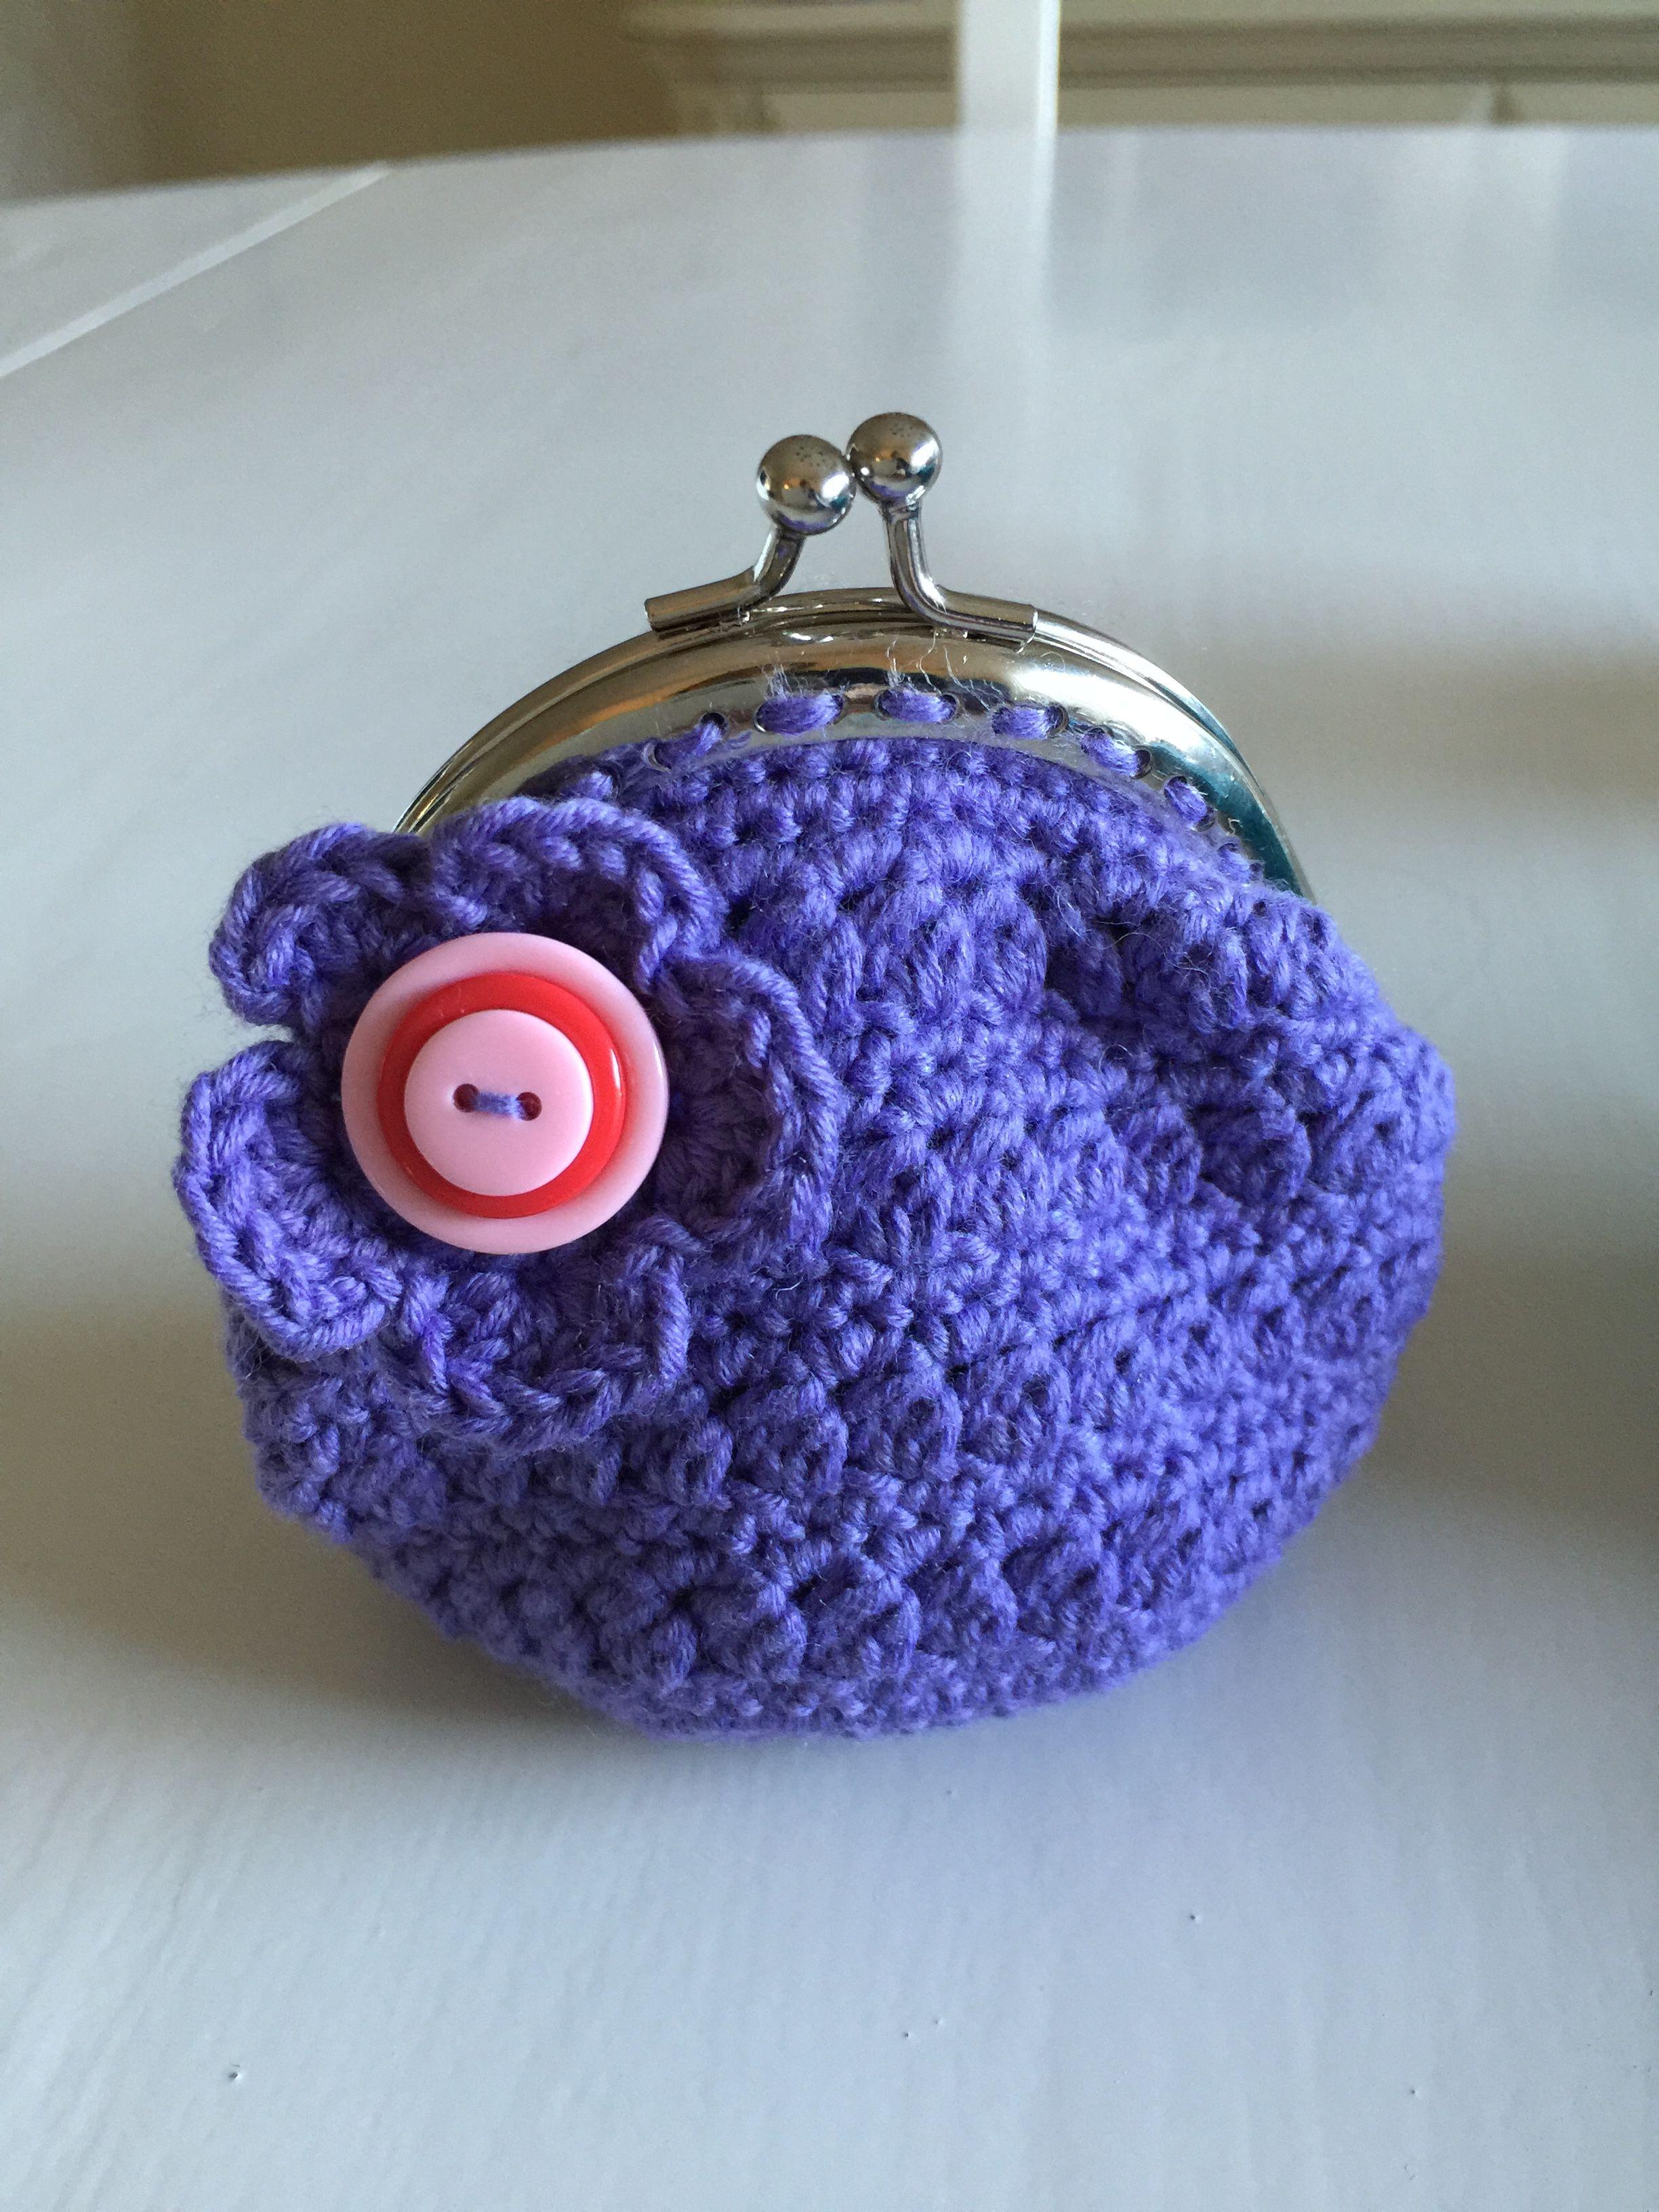 Gehaakte portemonnee/ crochet wallet / häkeln Geldbörse | Häkeln ...